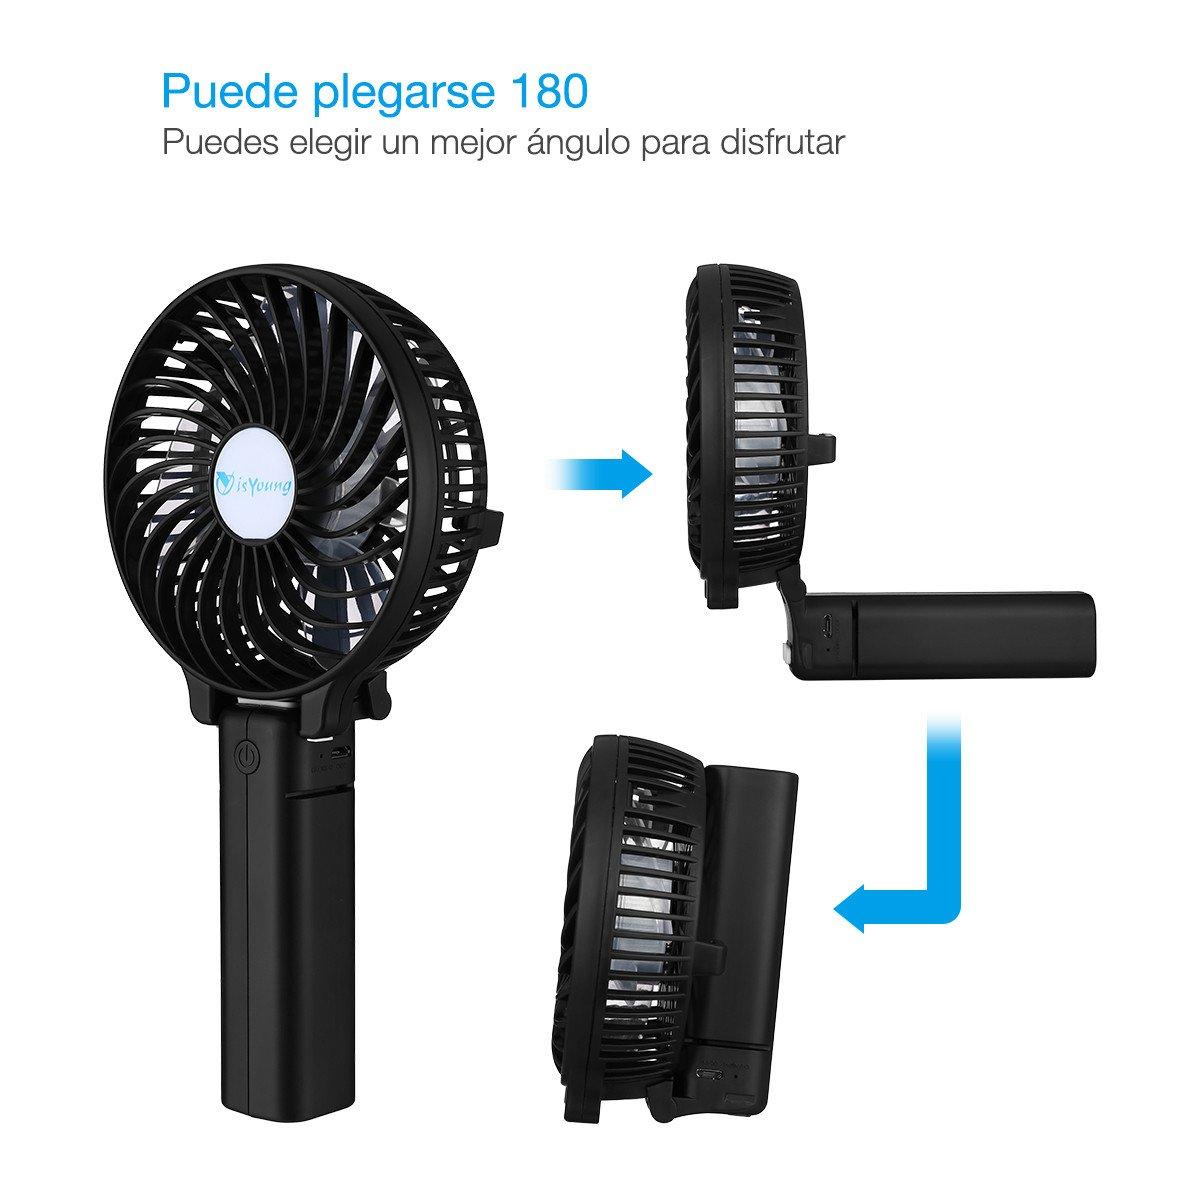 isYoung Mini Ventilador de Mano Portátil Recargable con 2200mAh 18650 li-ion Batería Recargable para Oficina, Hogar y Viajes - Negro